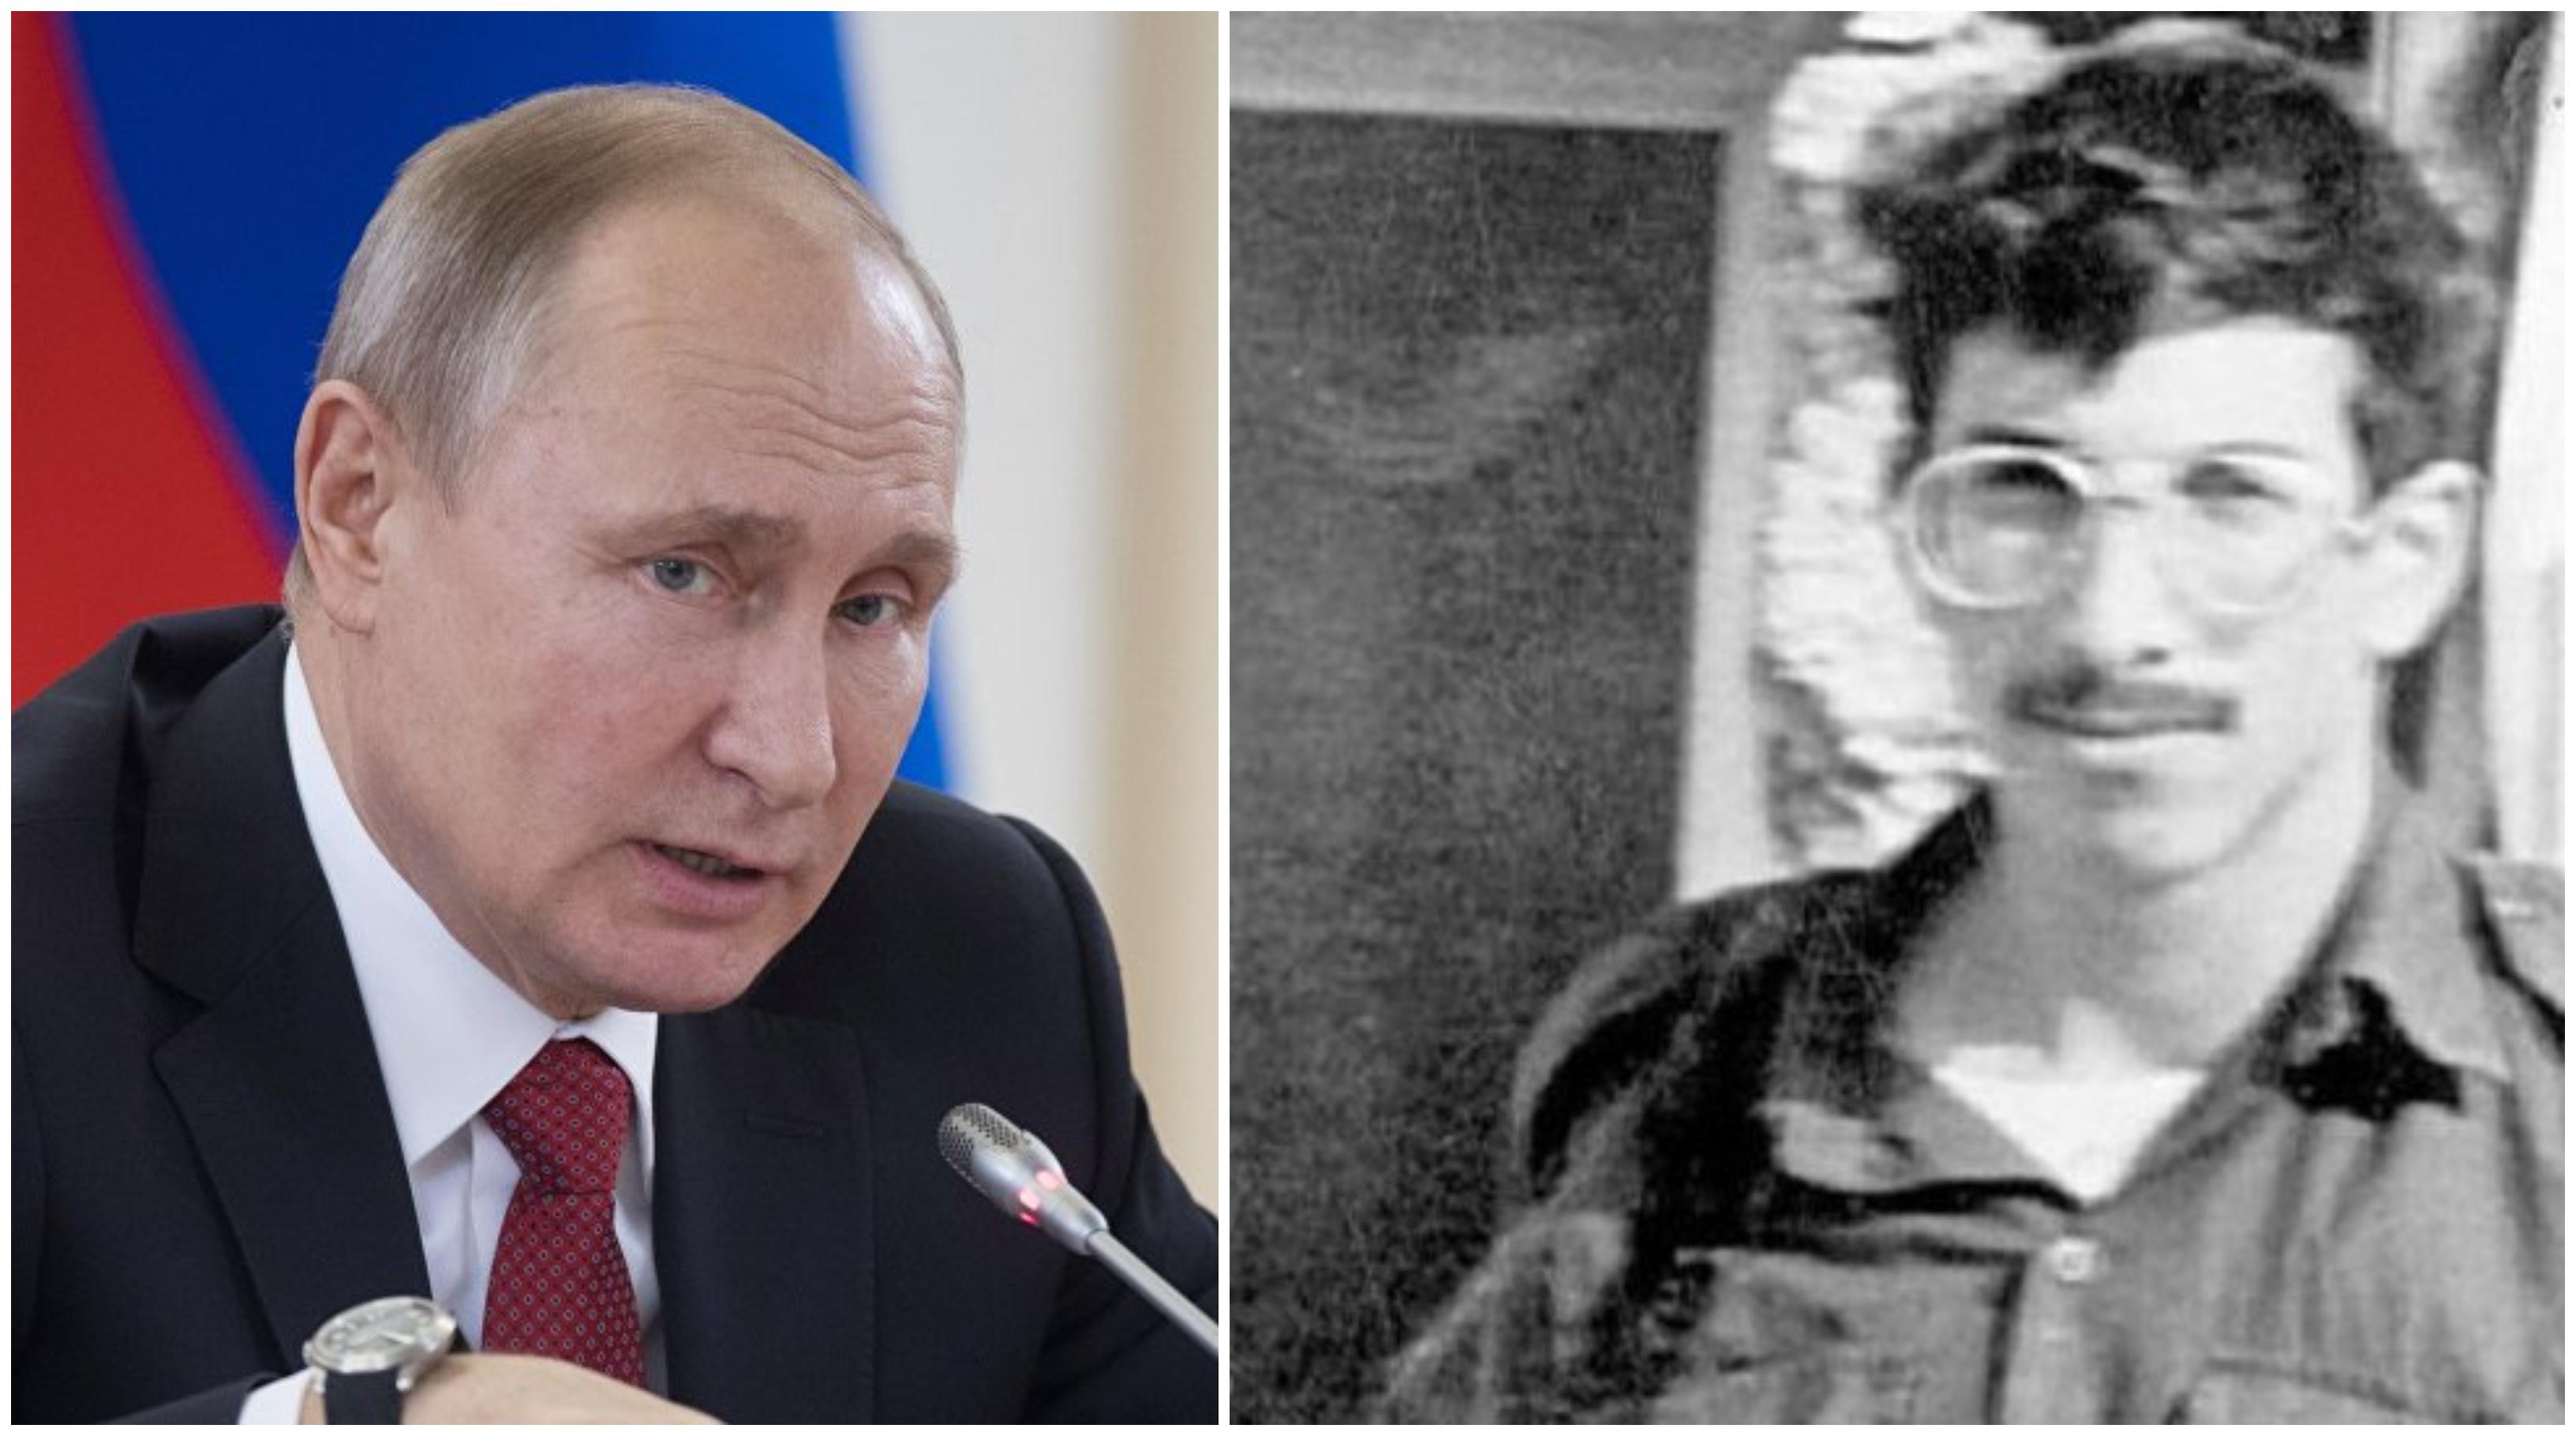 بوتين يكشف كيفية العثور على رفات الجندي الإسرائيلي...ونتن ياهو يشكره